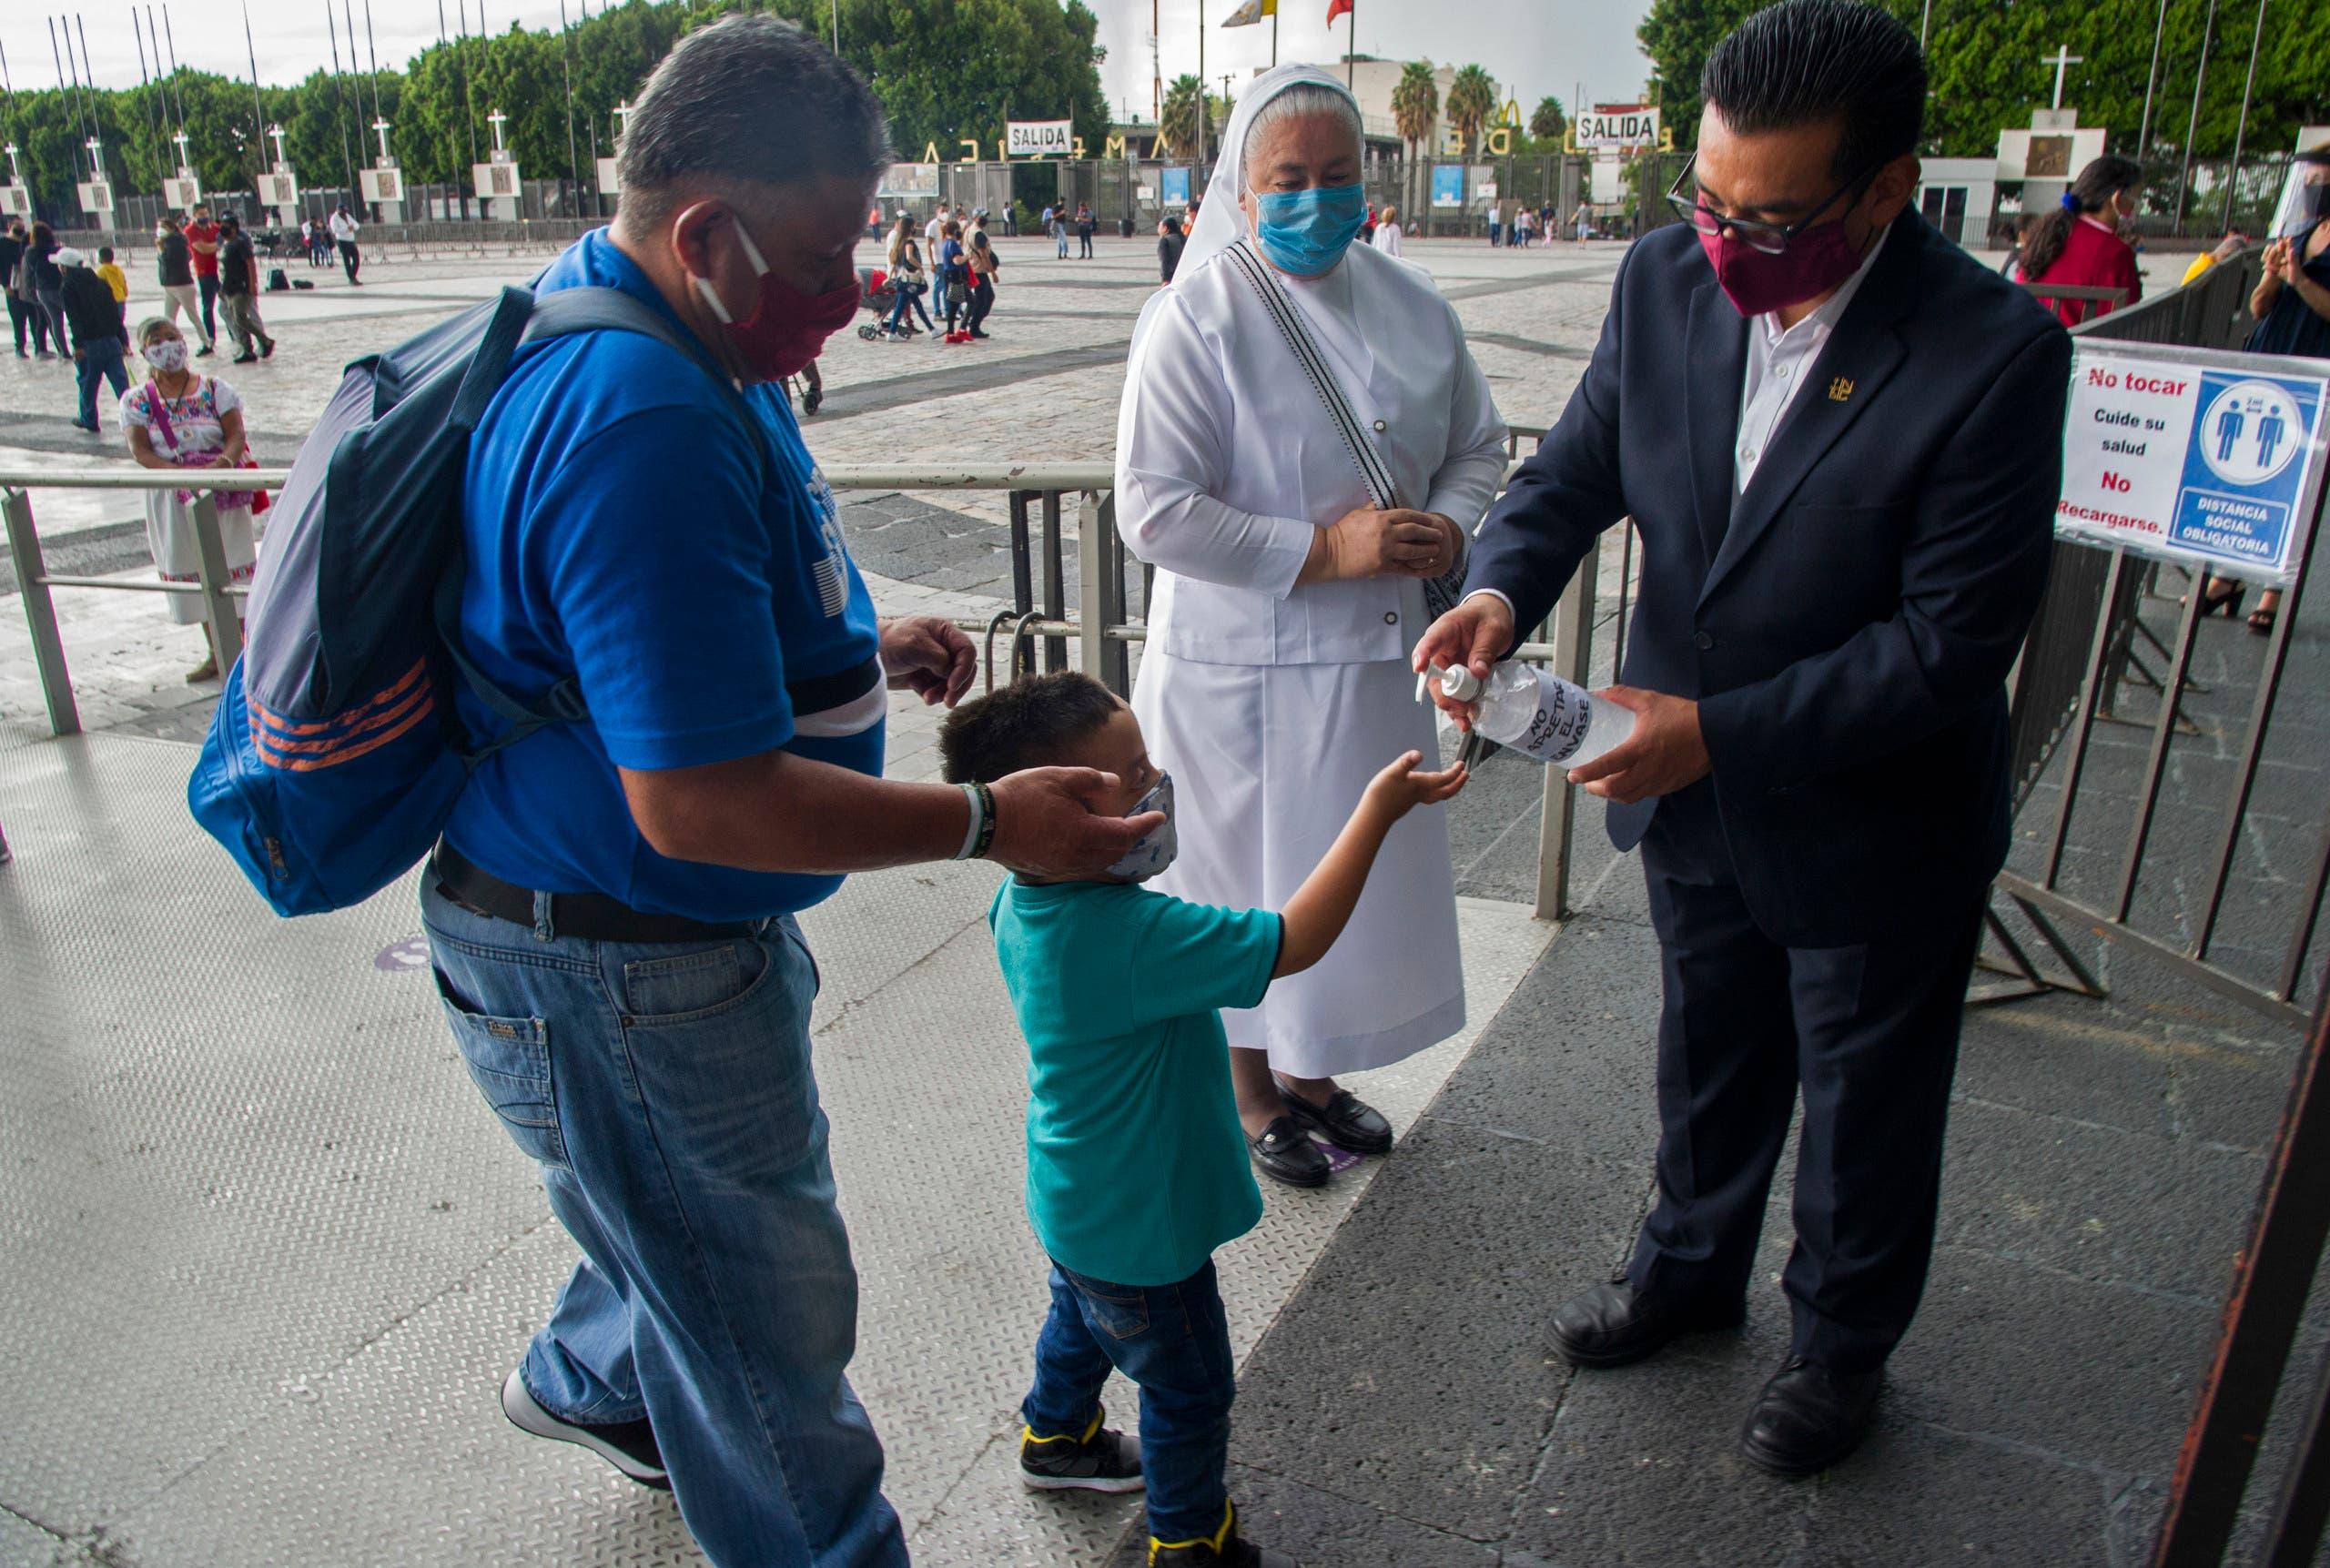 توزيع معقم اليدين على مدخل كنيسة في المكسيك